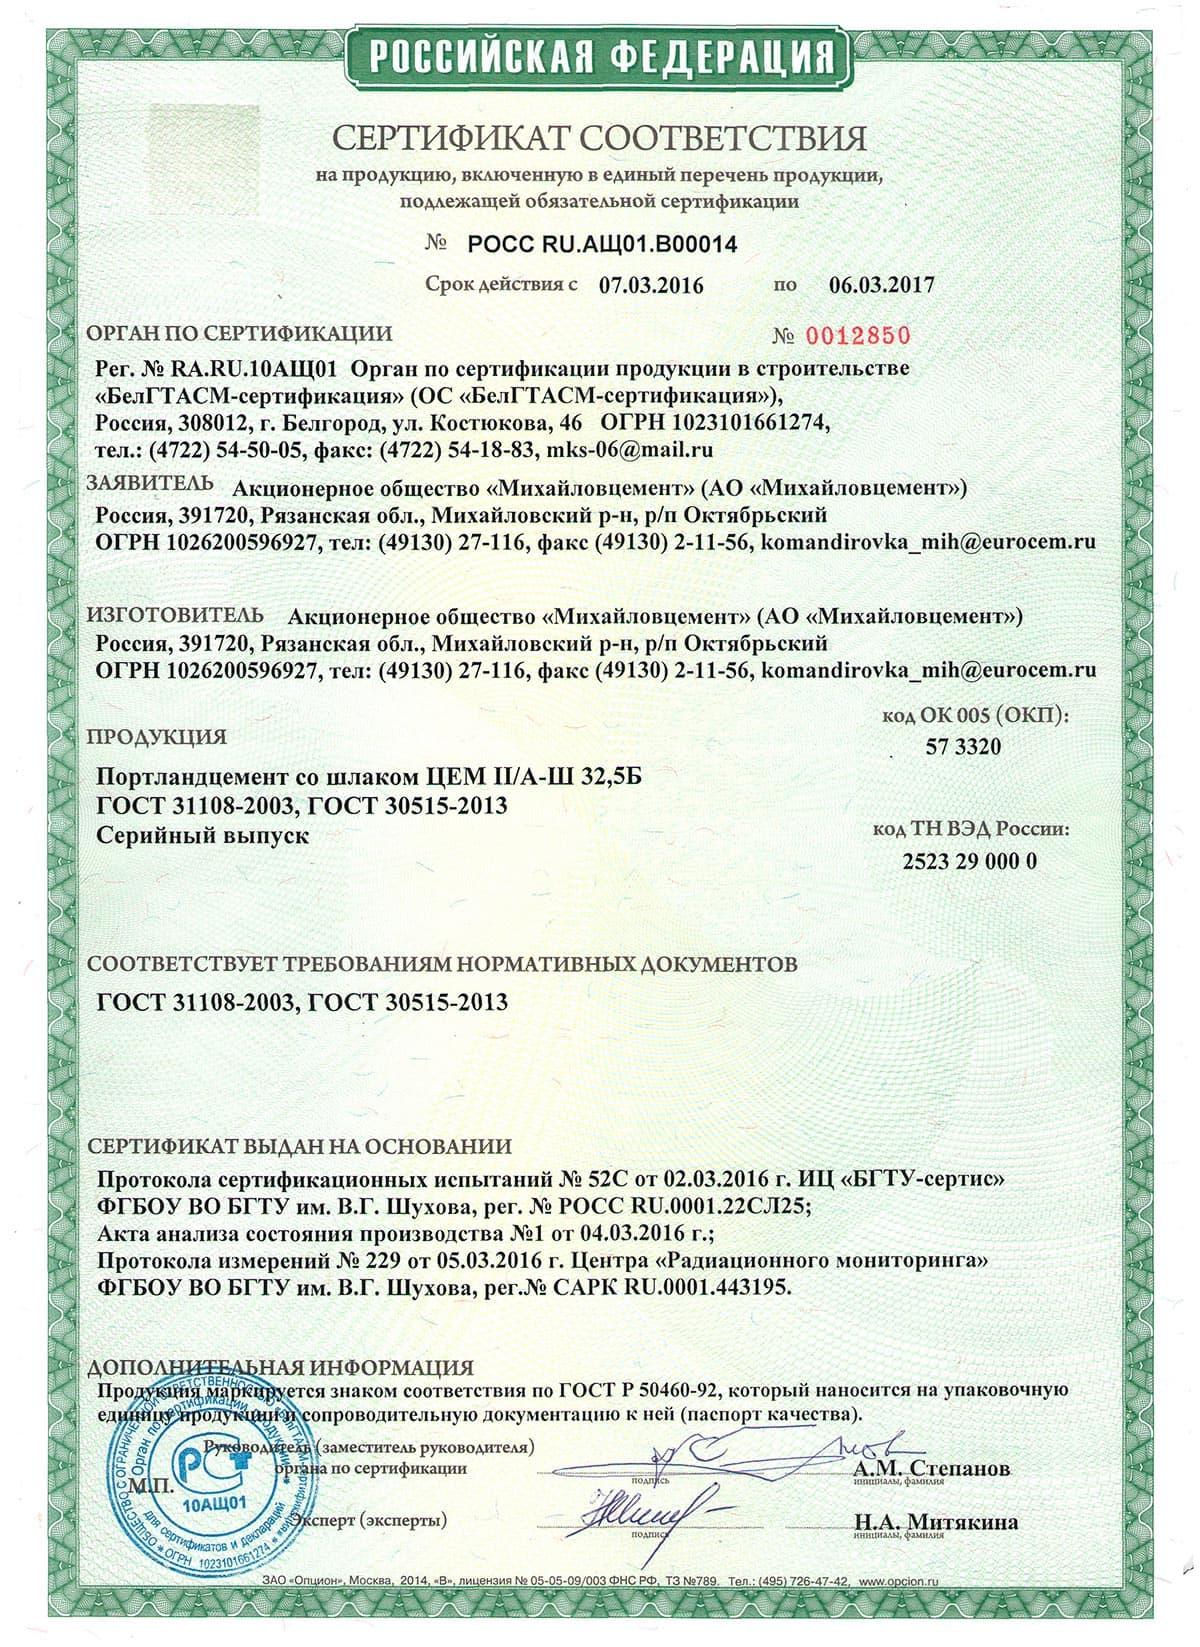 Портландцемент со шлаком ЦЕМ II/A-Ш 32,5Б